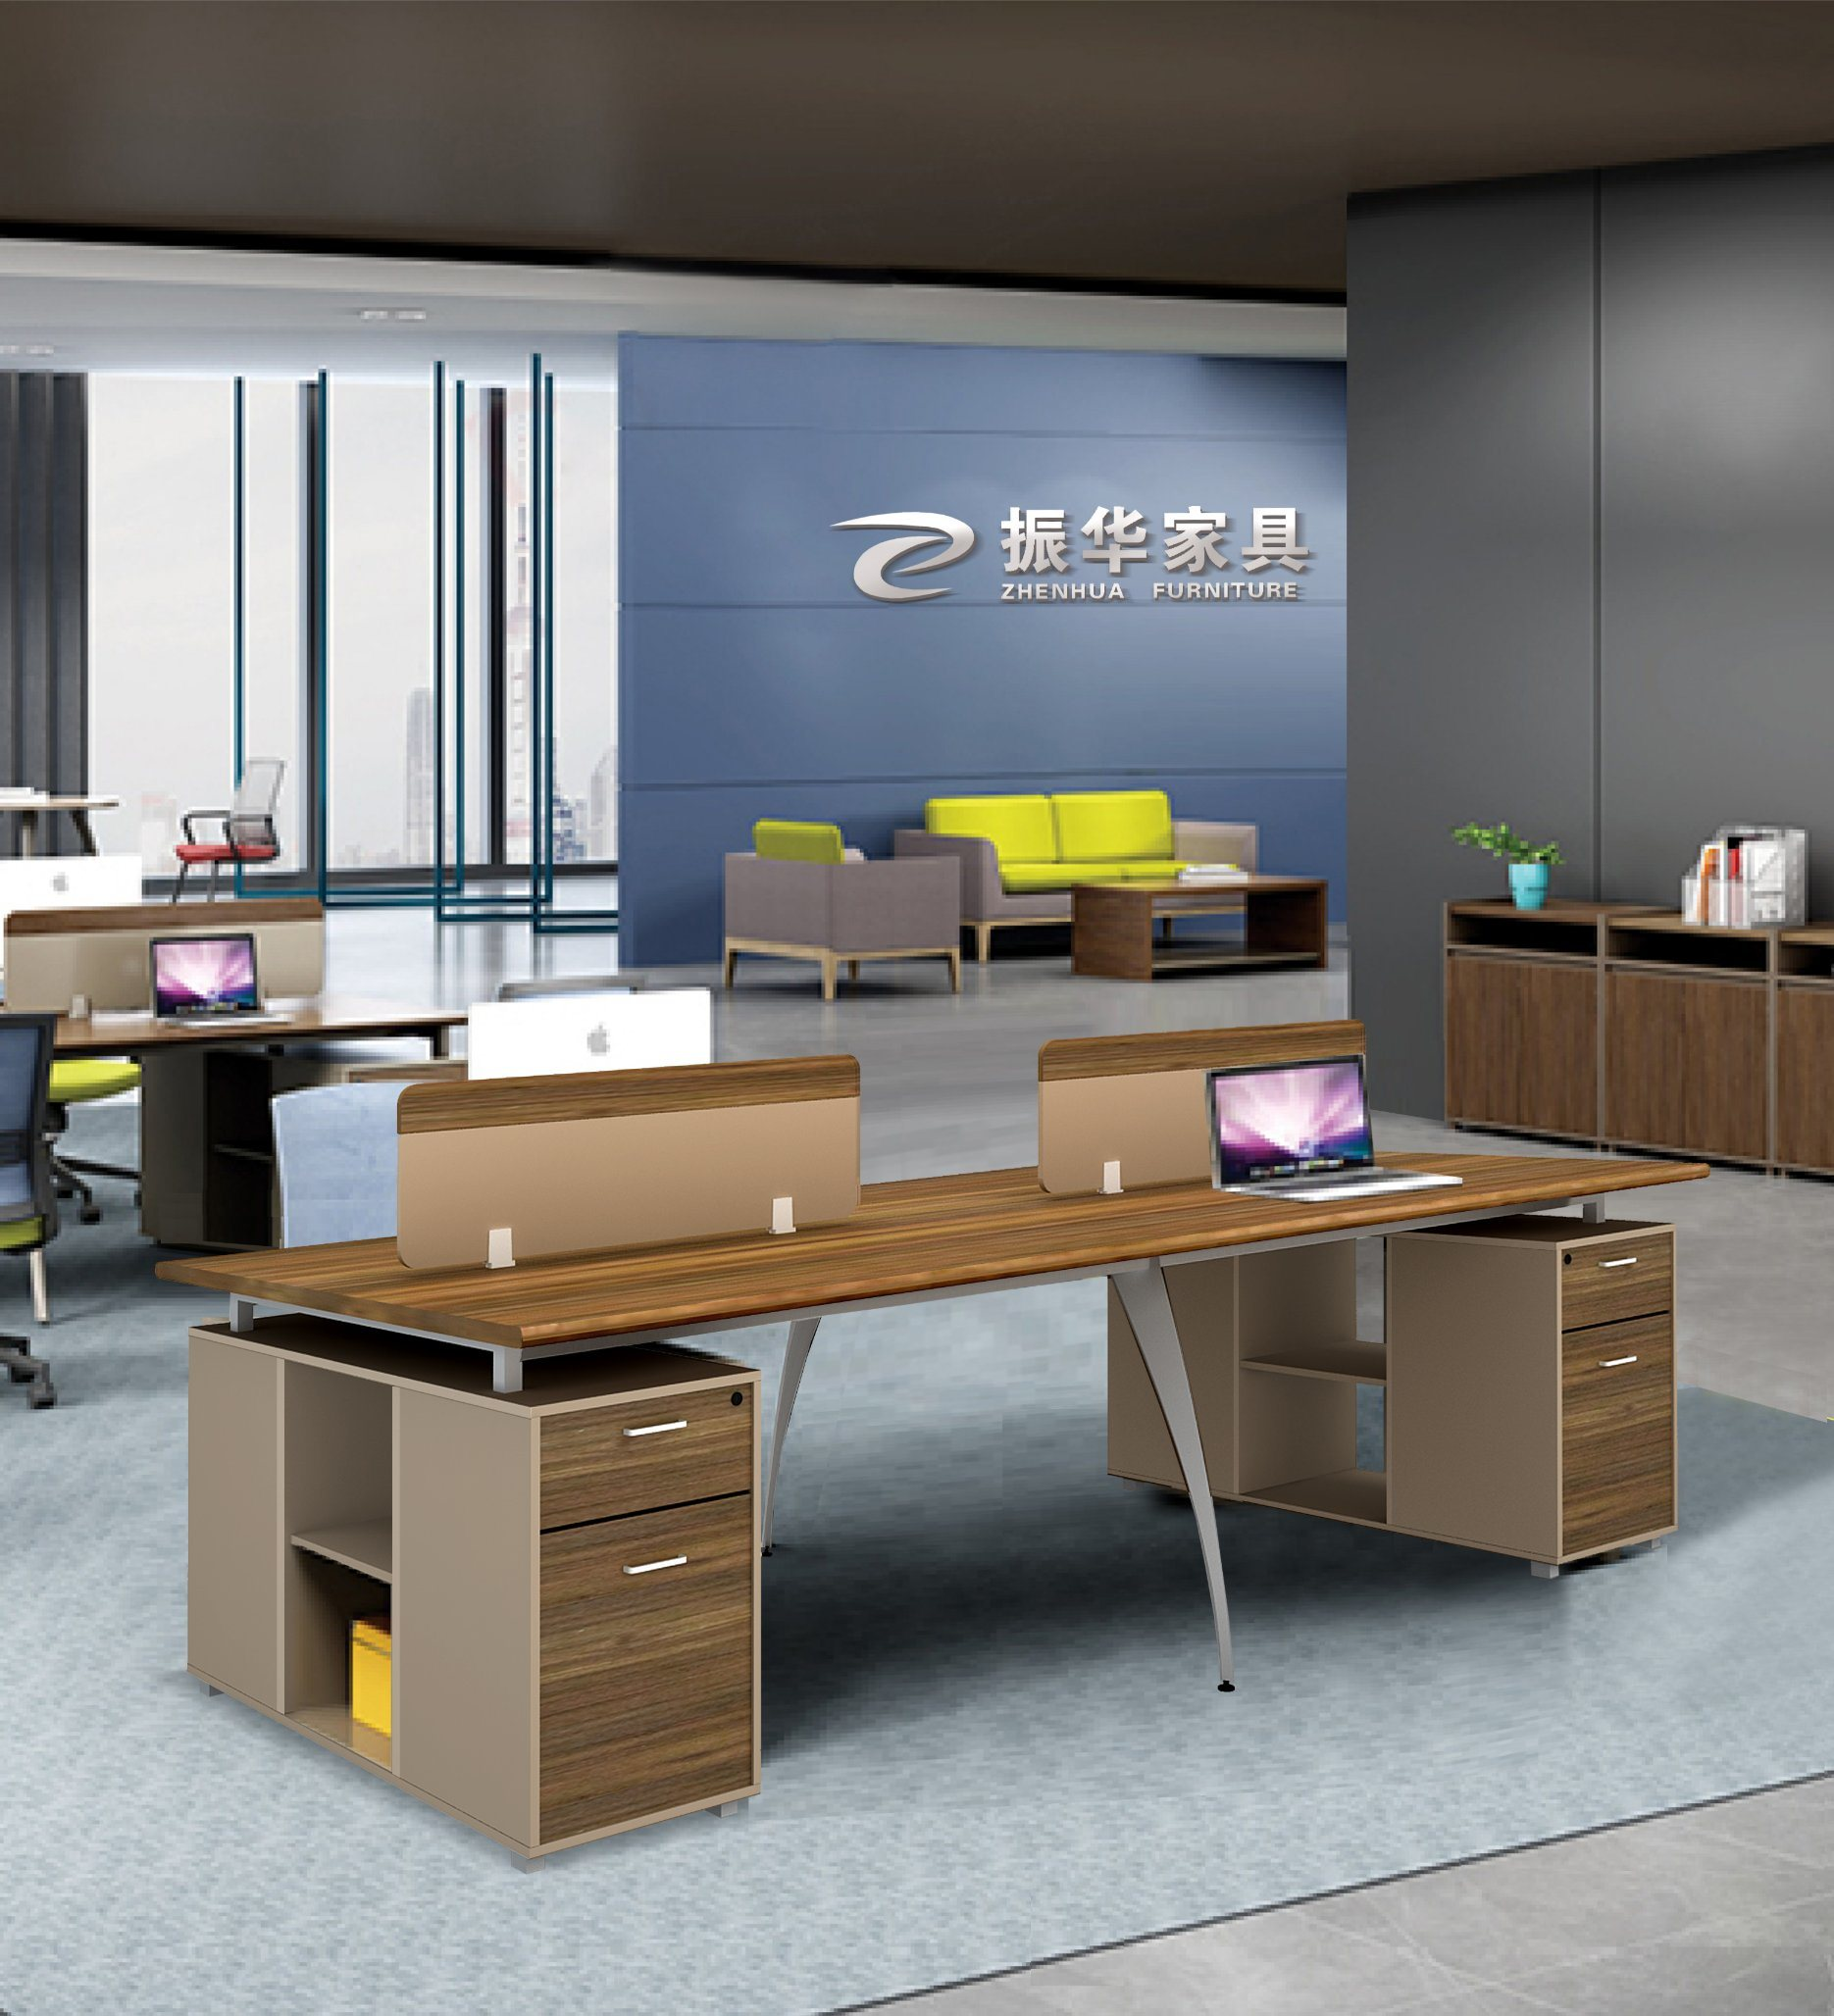 [Hot Item] Workstation Modern New Design Office Computer Desk Workstation  with Cabinet